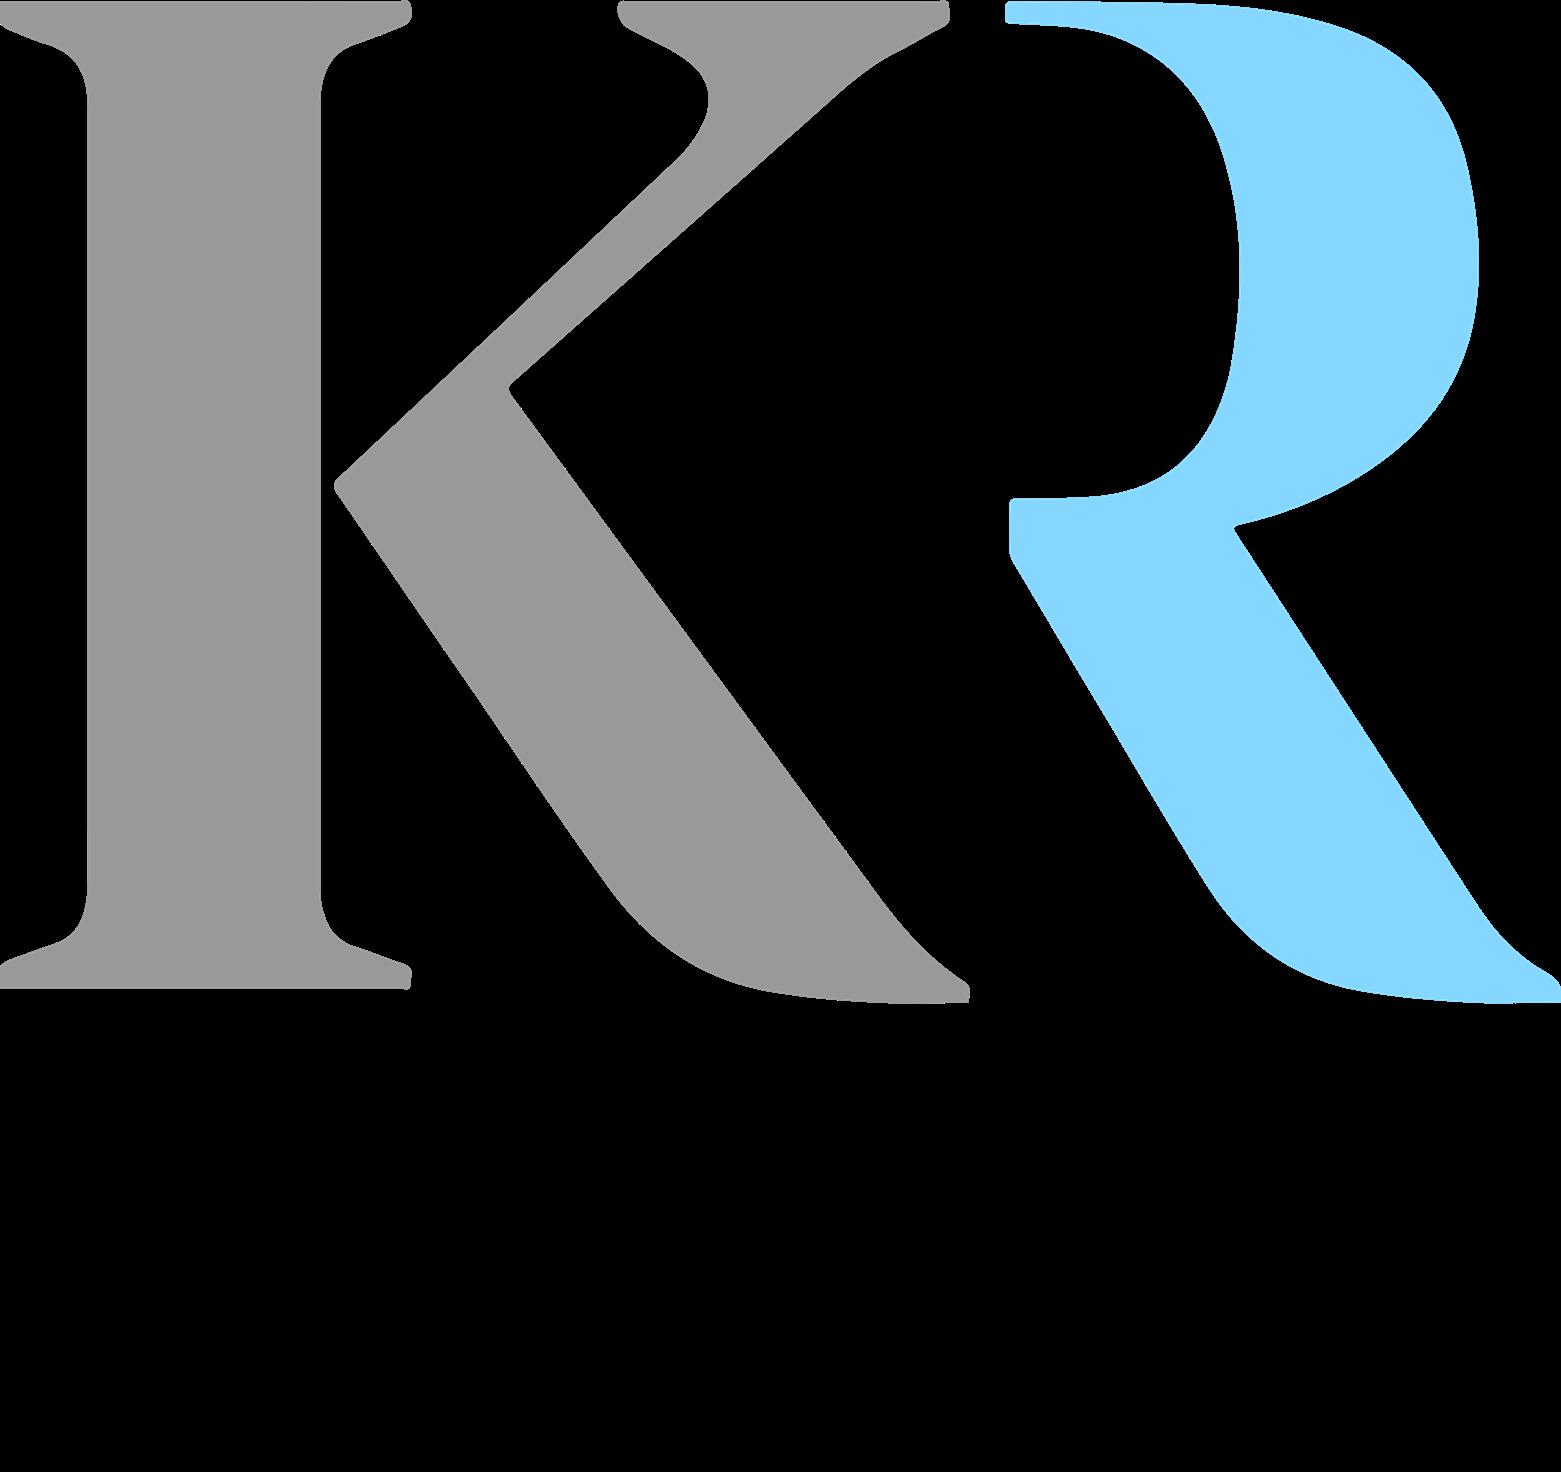 Kridx